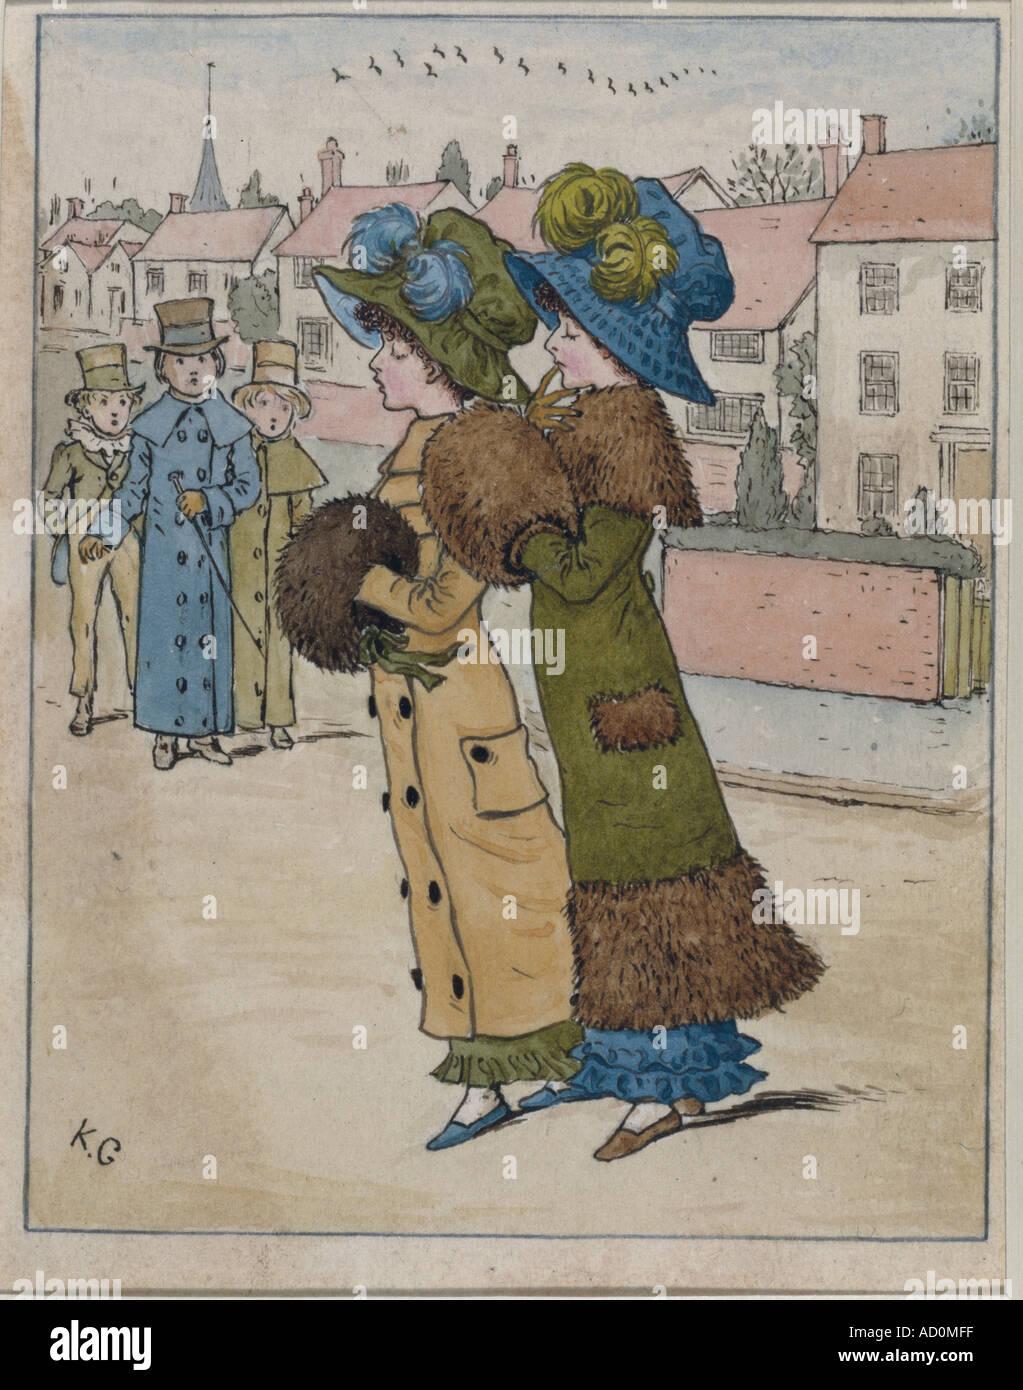 Sfilata di moda di Kate Greenaway. Inghilterra, fine del XIX secolo. Immagini Stock